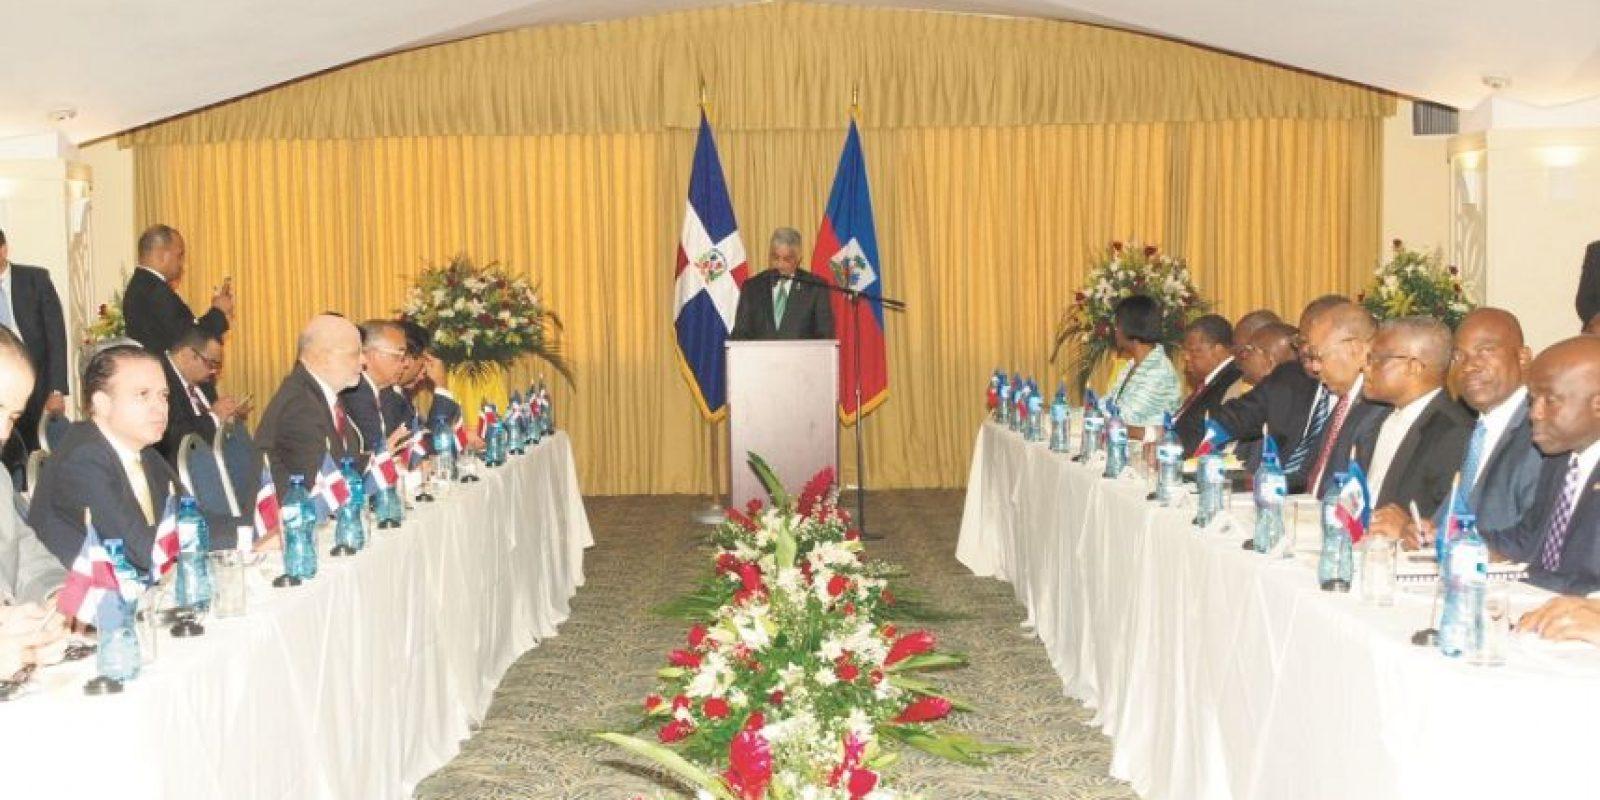 Funcionarios y empresarios de ambos países acompañaron a los respectivos cancilleres. Foto:Fuente externa